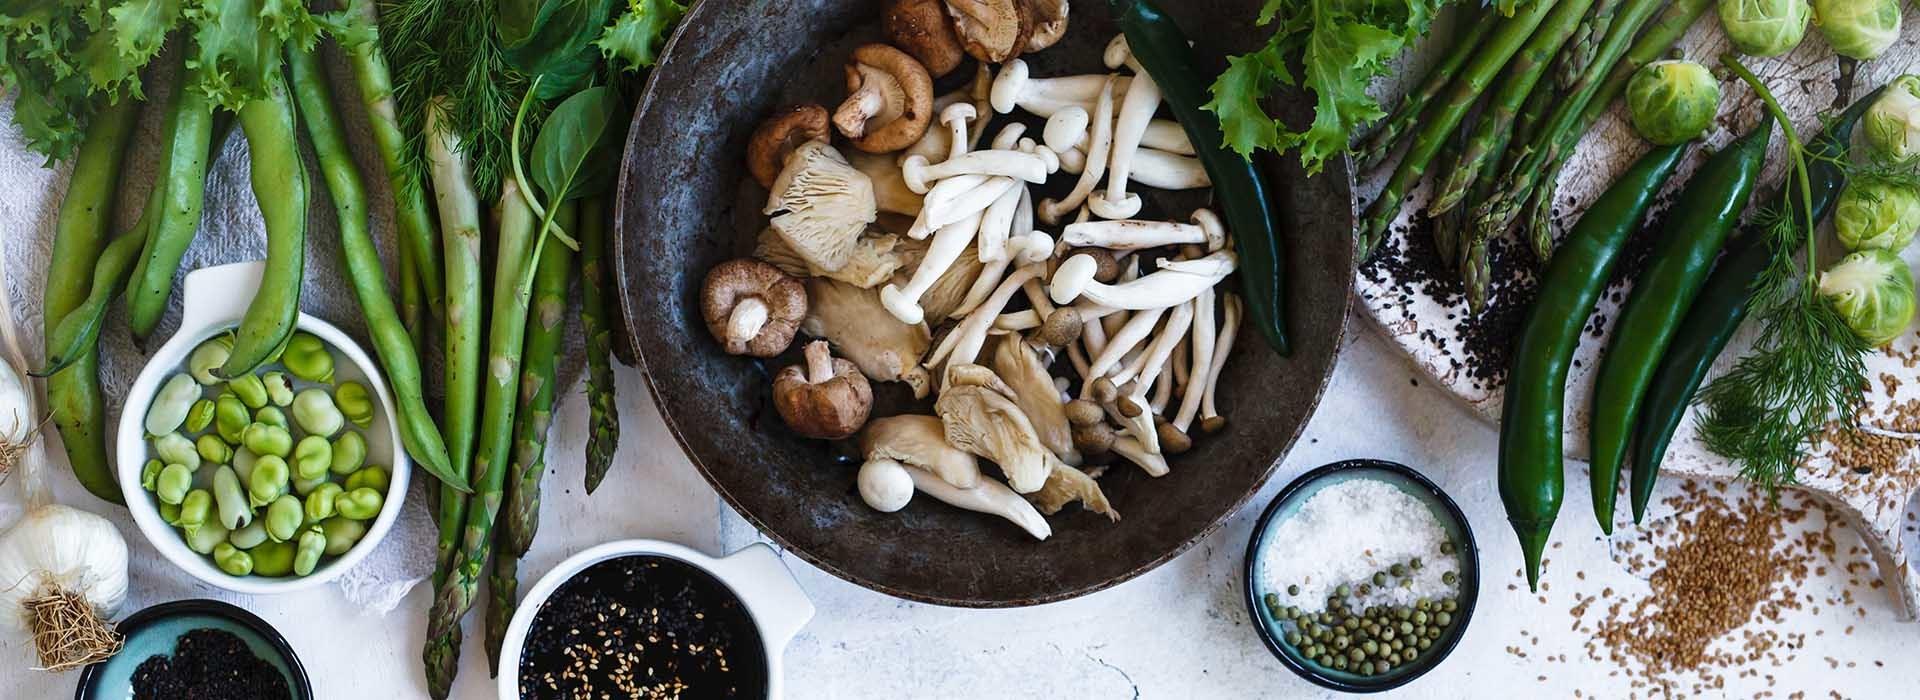 25 Of The Best Vegan Mushroom Recipes Grocycle